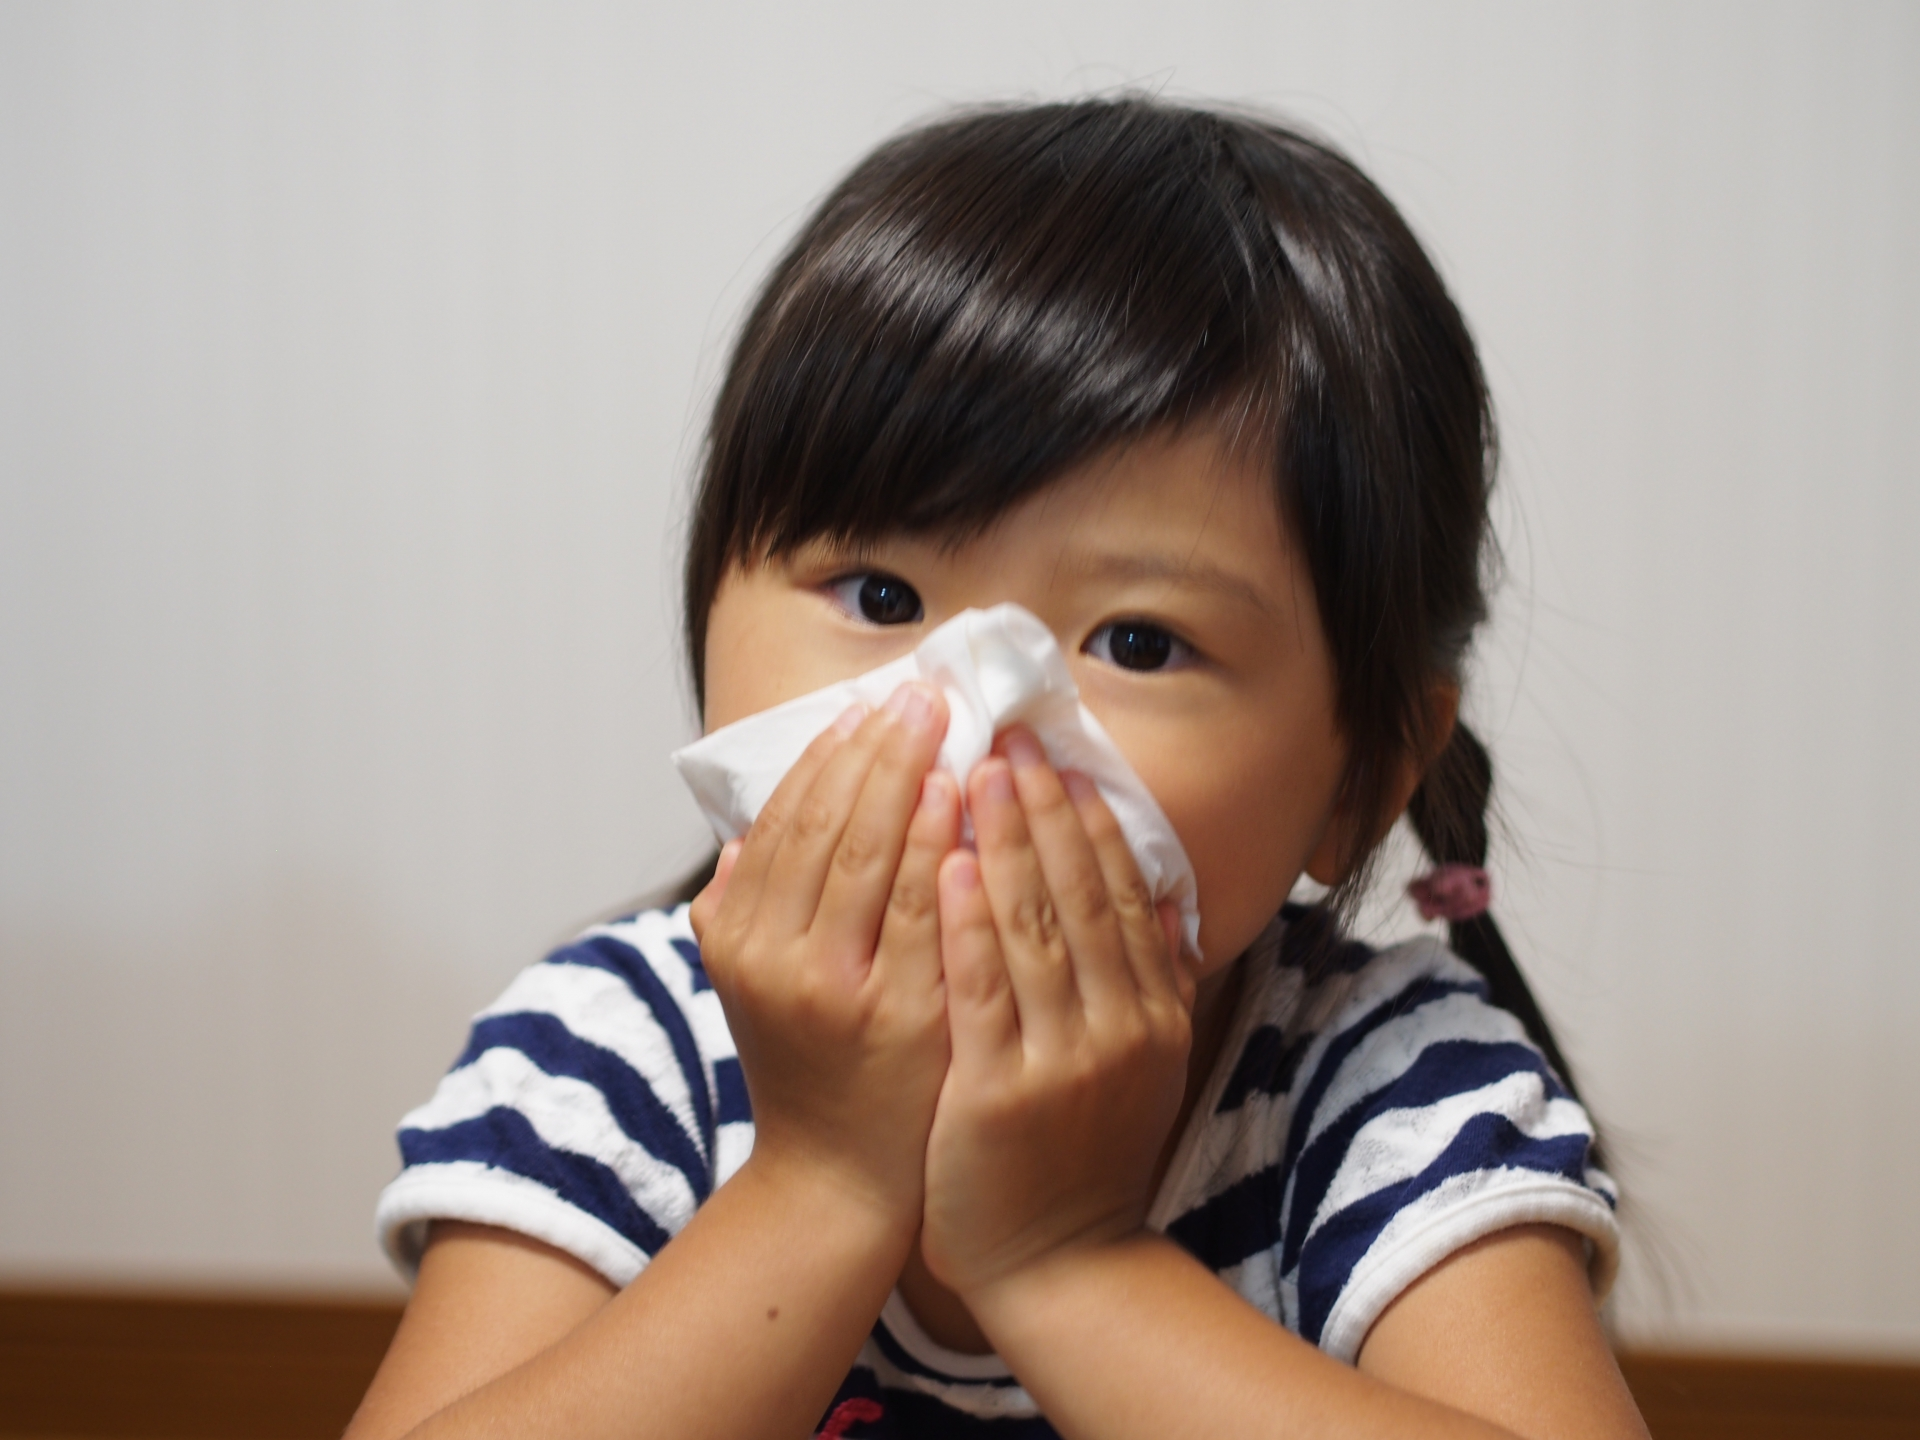 子どものアレルギー性鼻炎